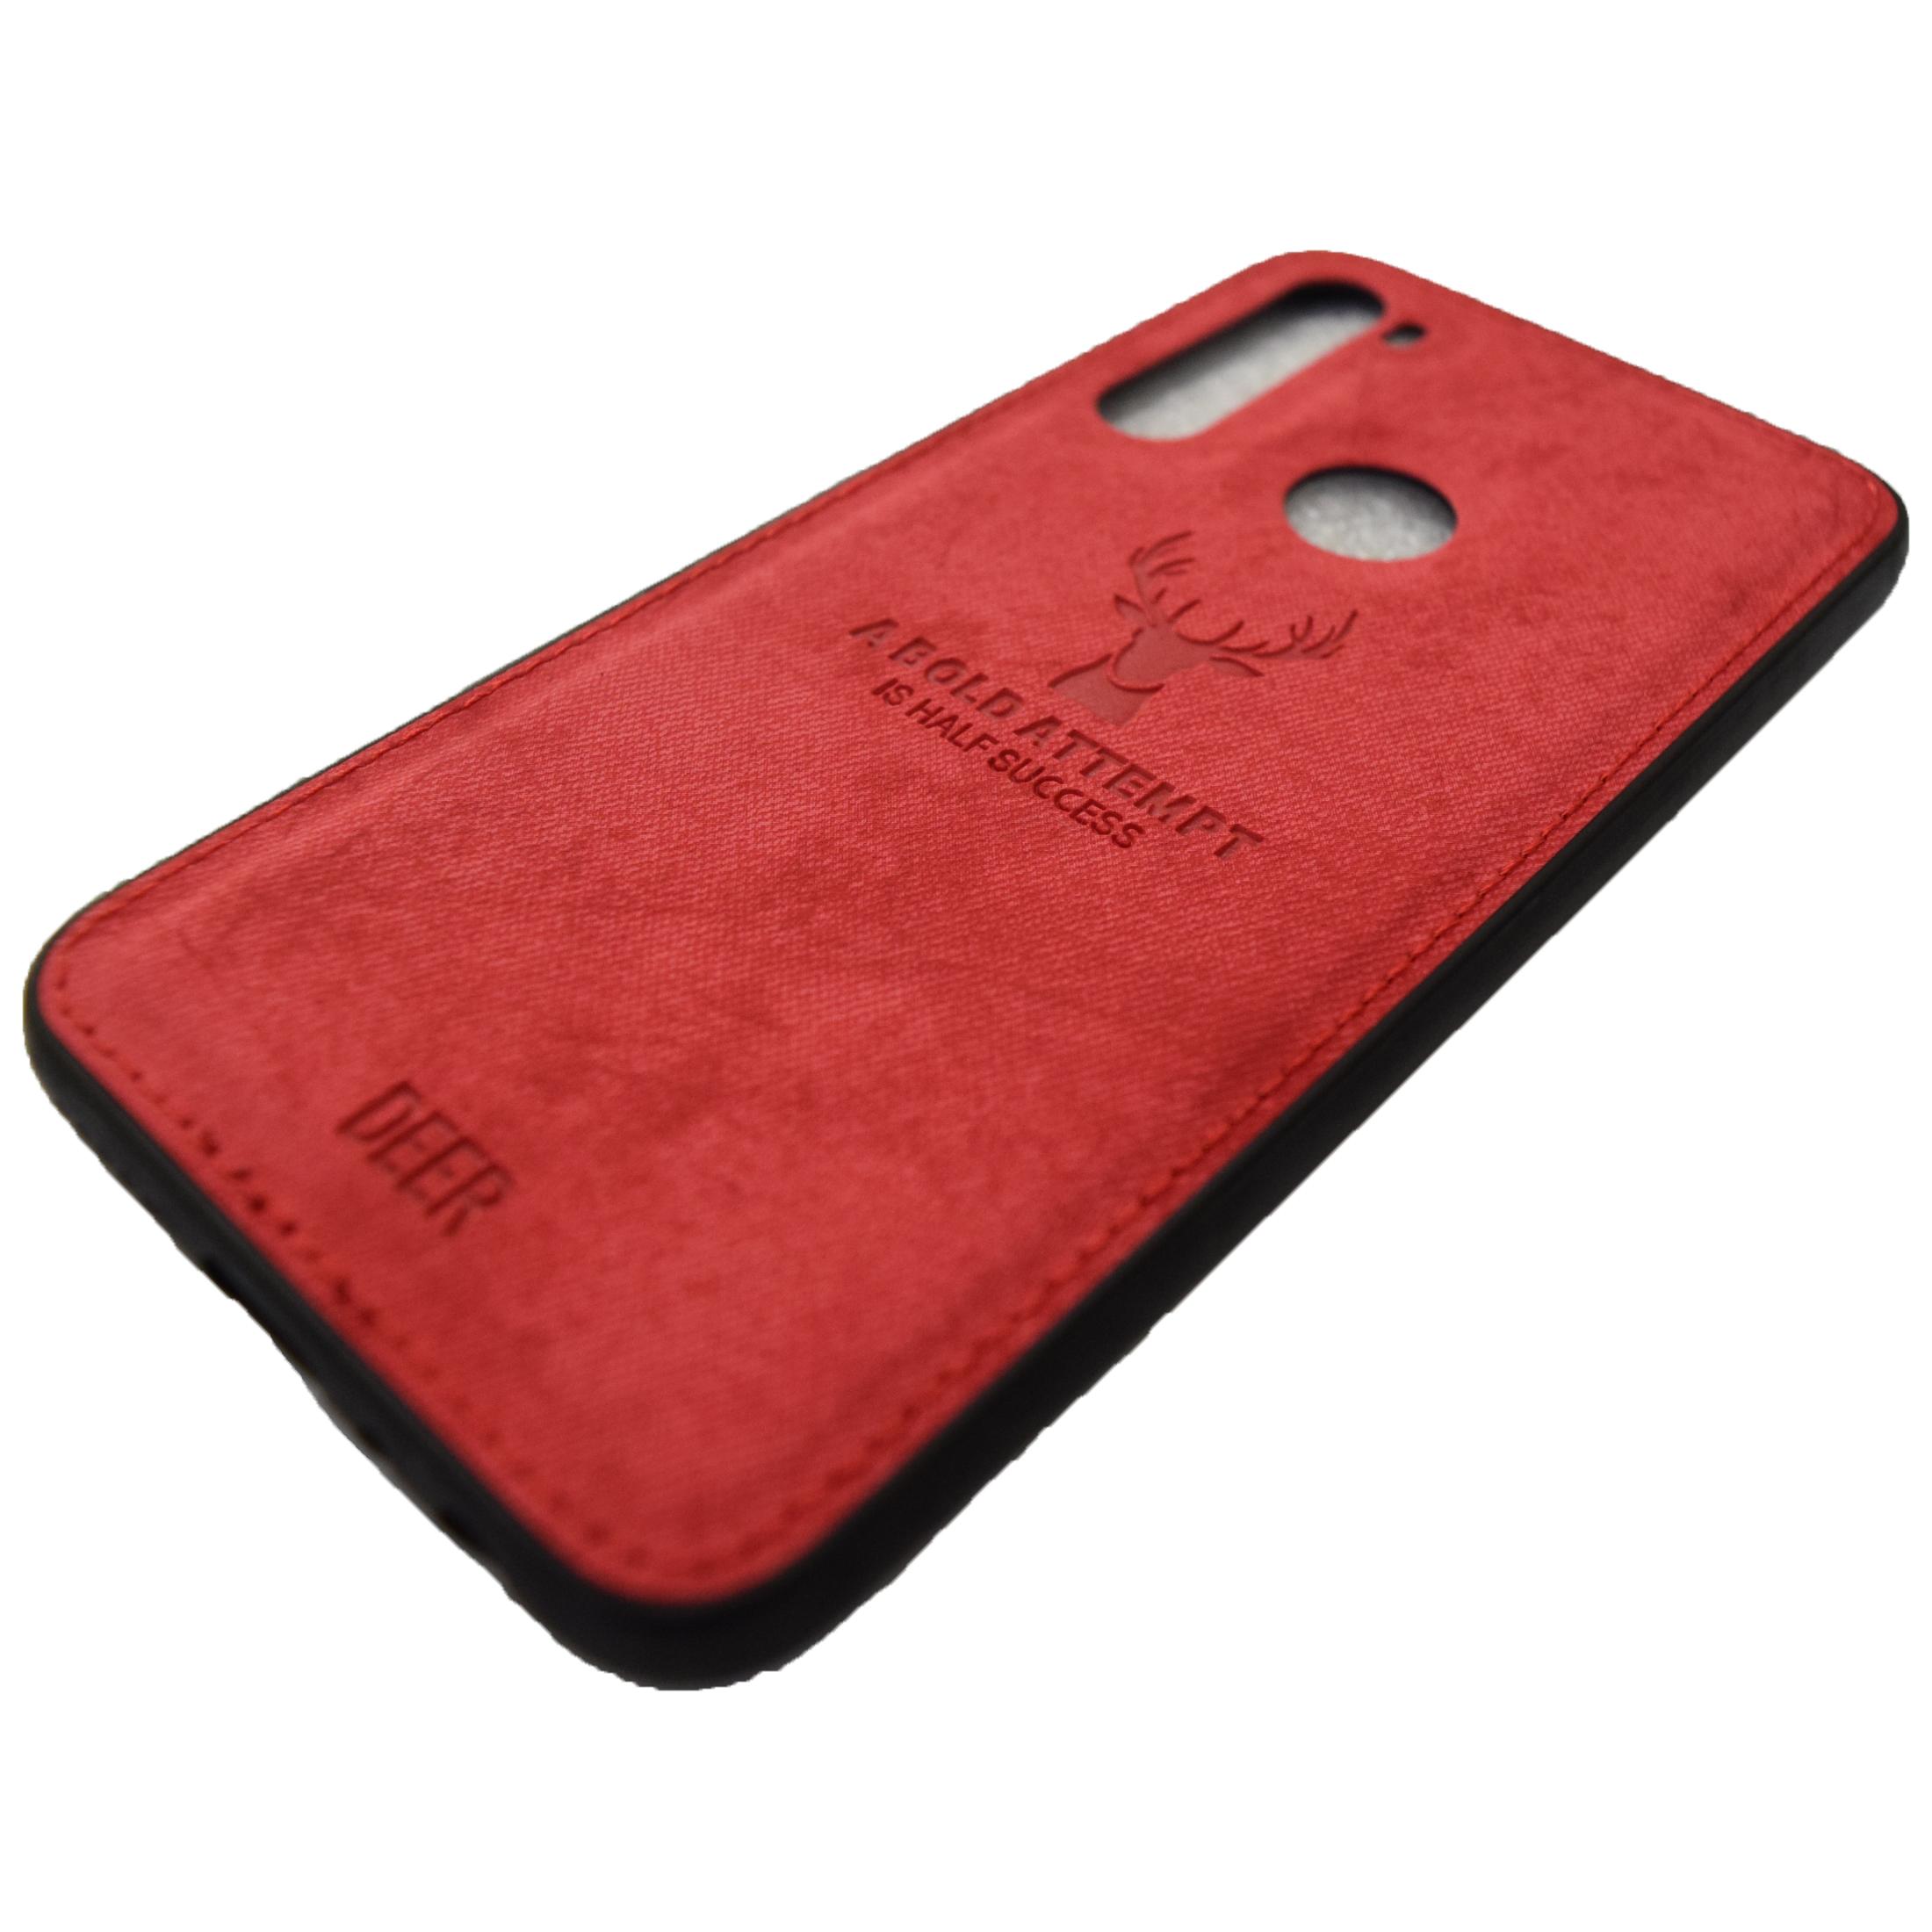 کاور مدل DR20 مناسب برای گوشی موبایل شیائومی Redmi Note 8T main 1 3